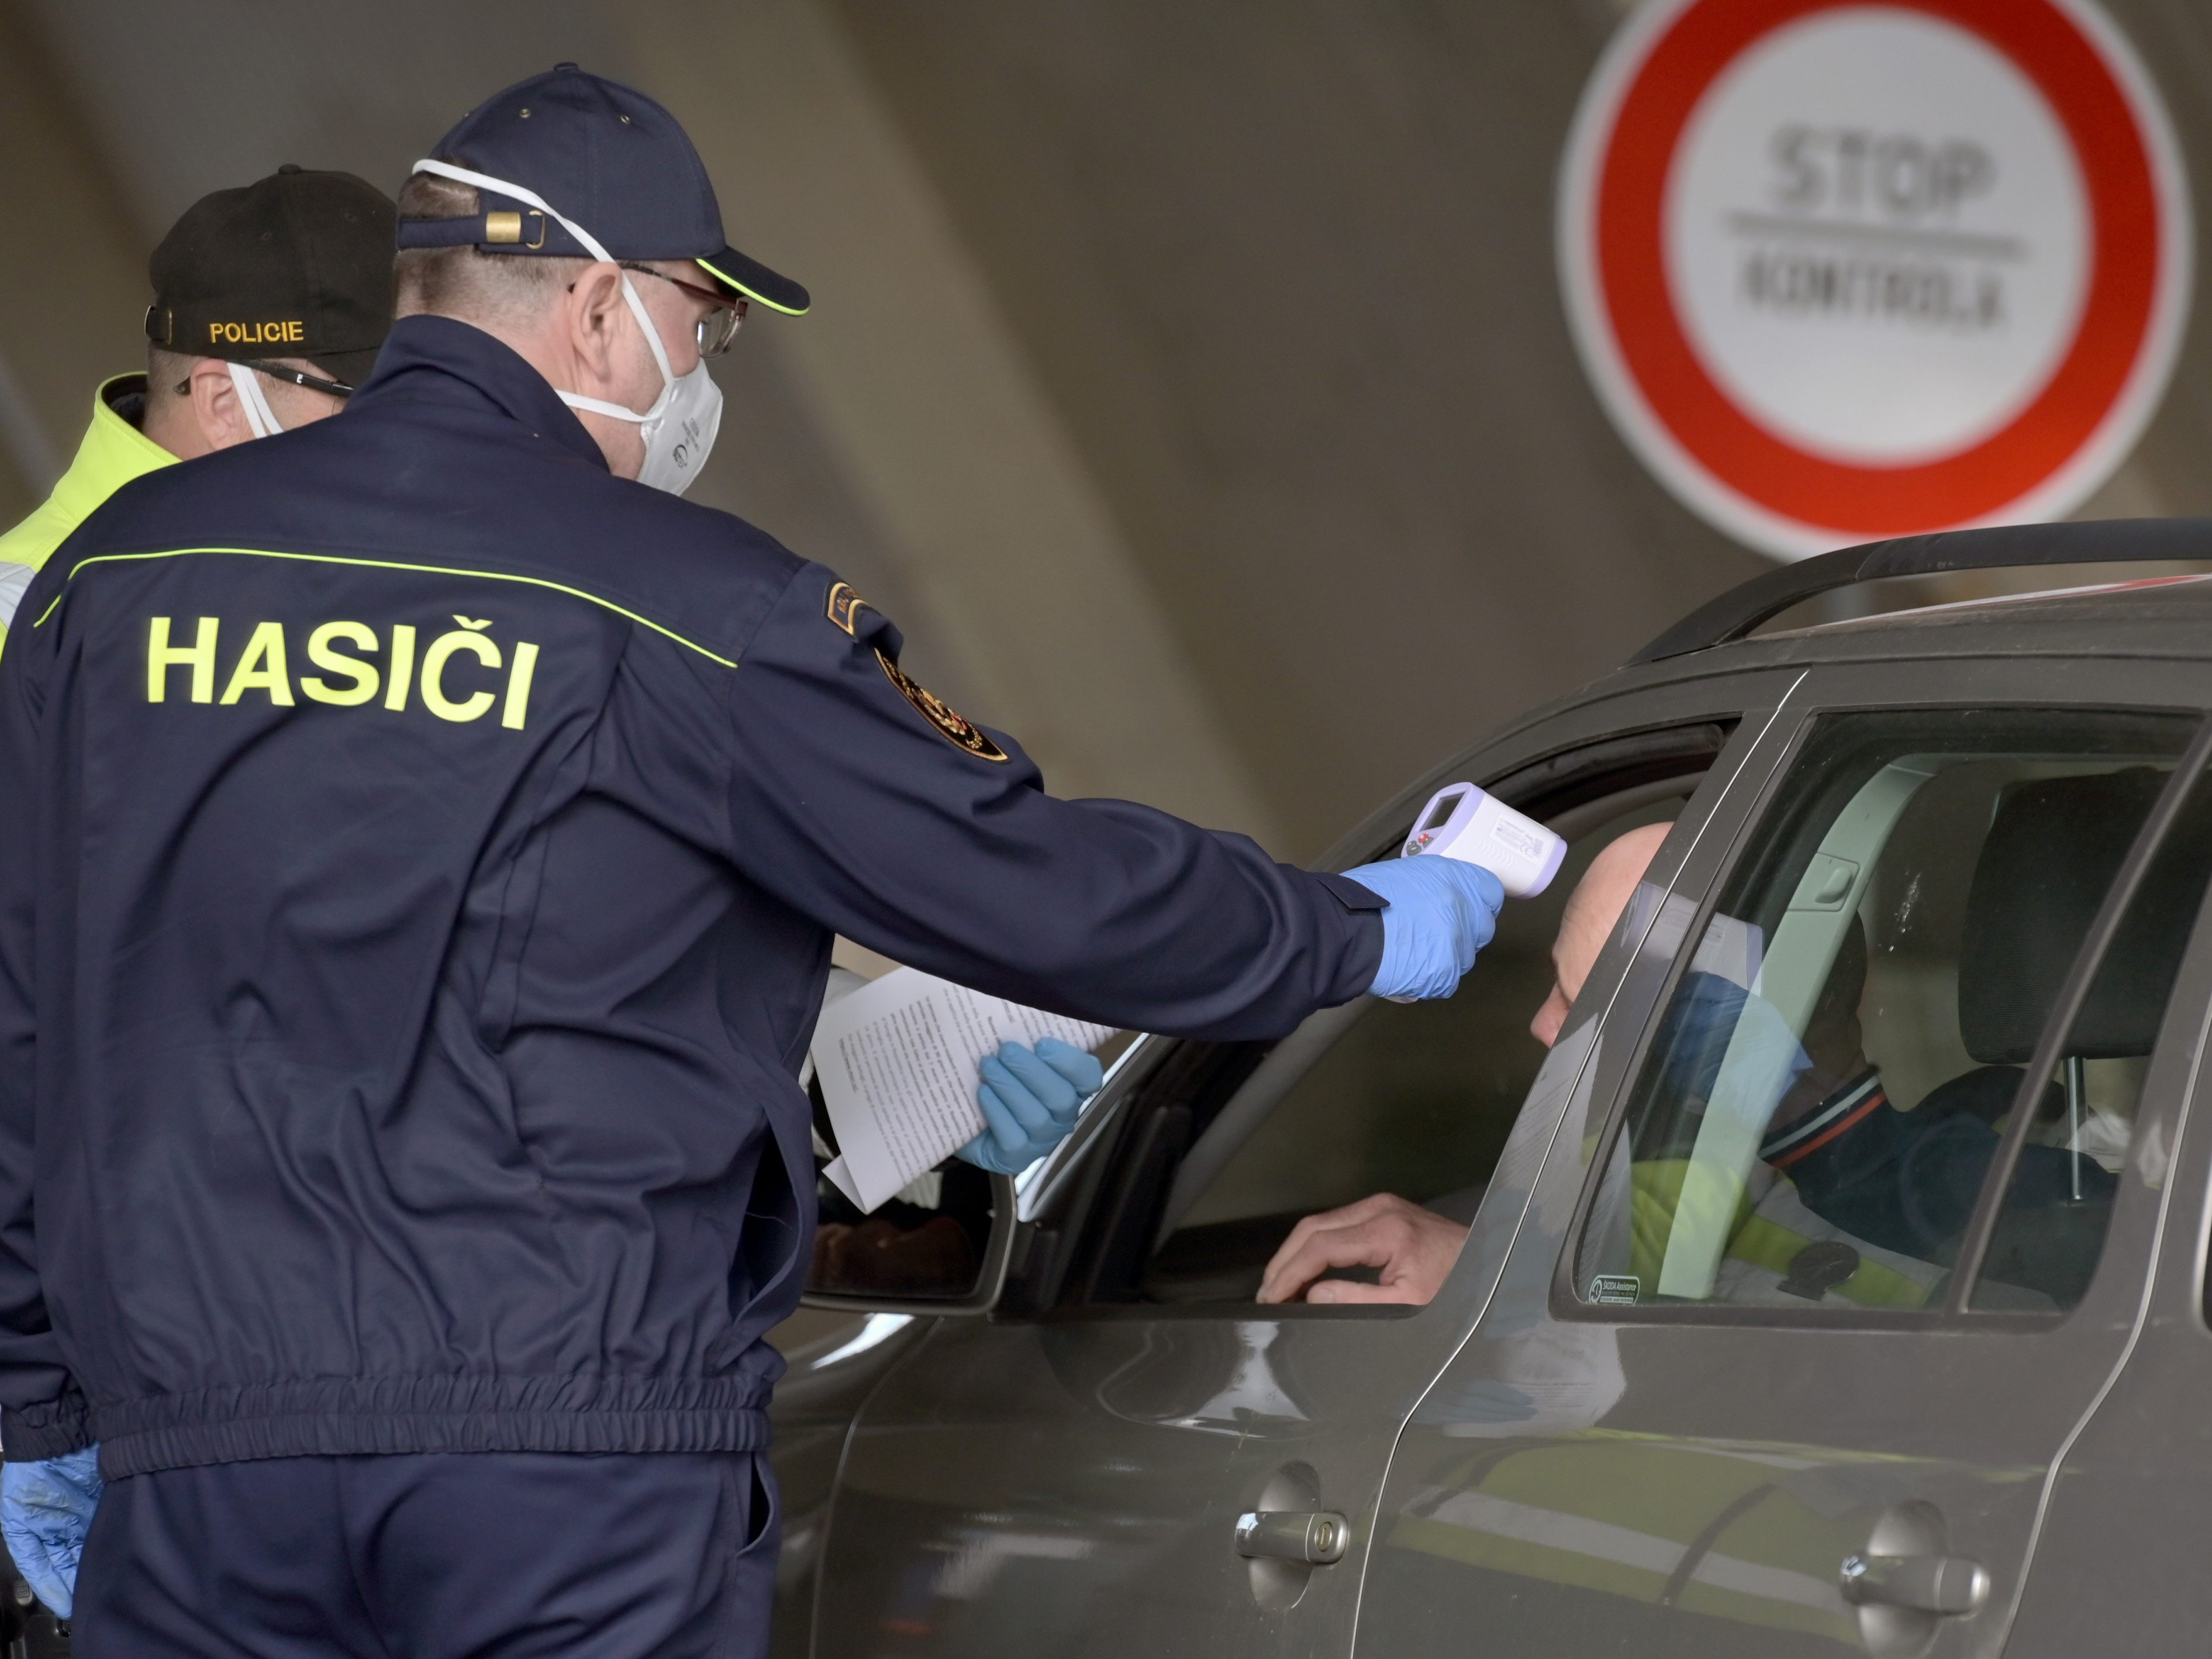 Tschechien öffnet Grenze zu Österreich vermutlich ab Freitag ...